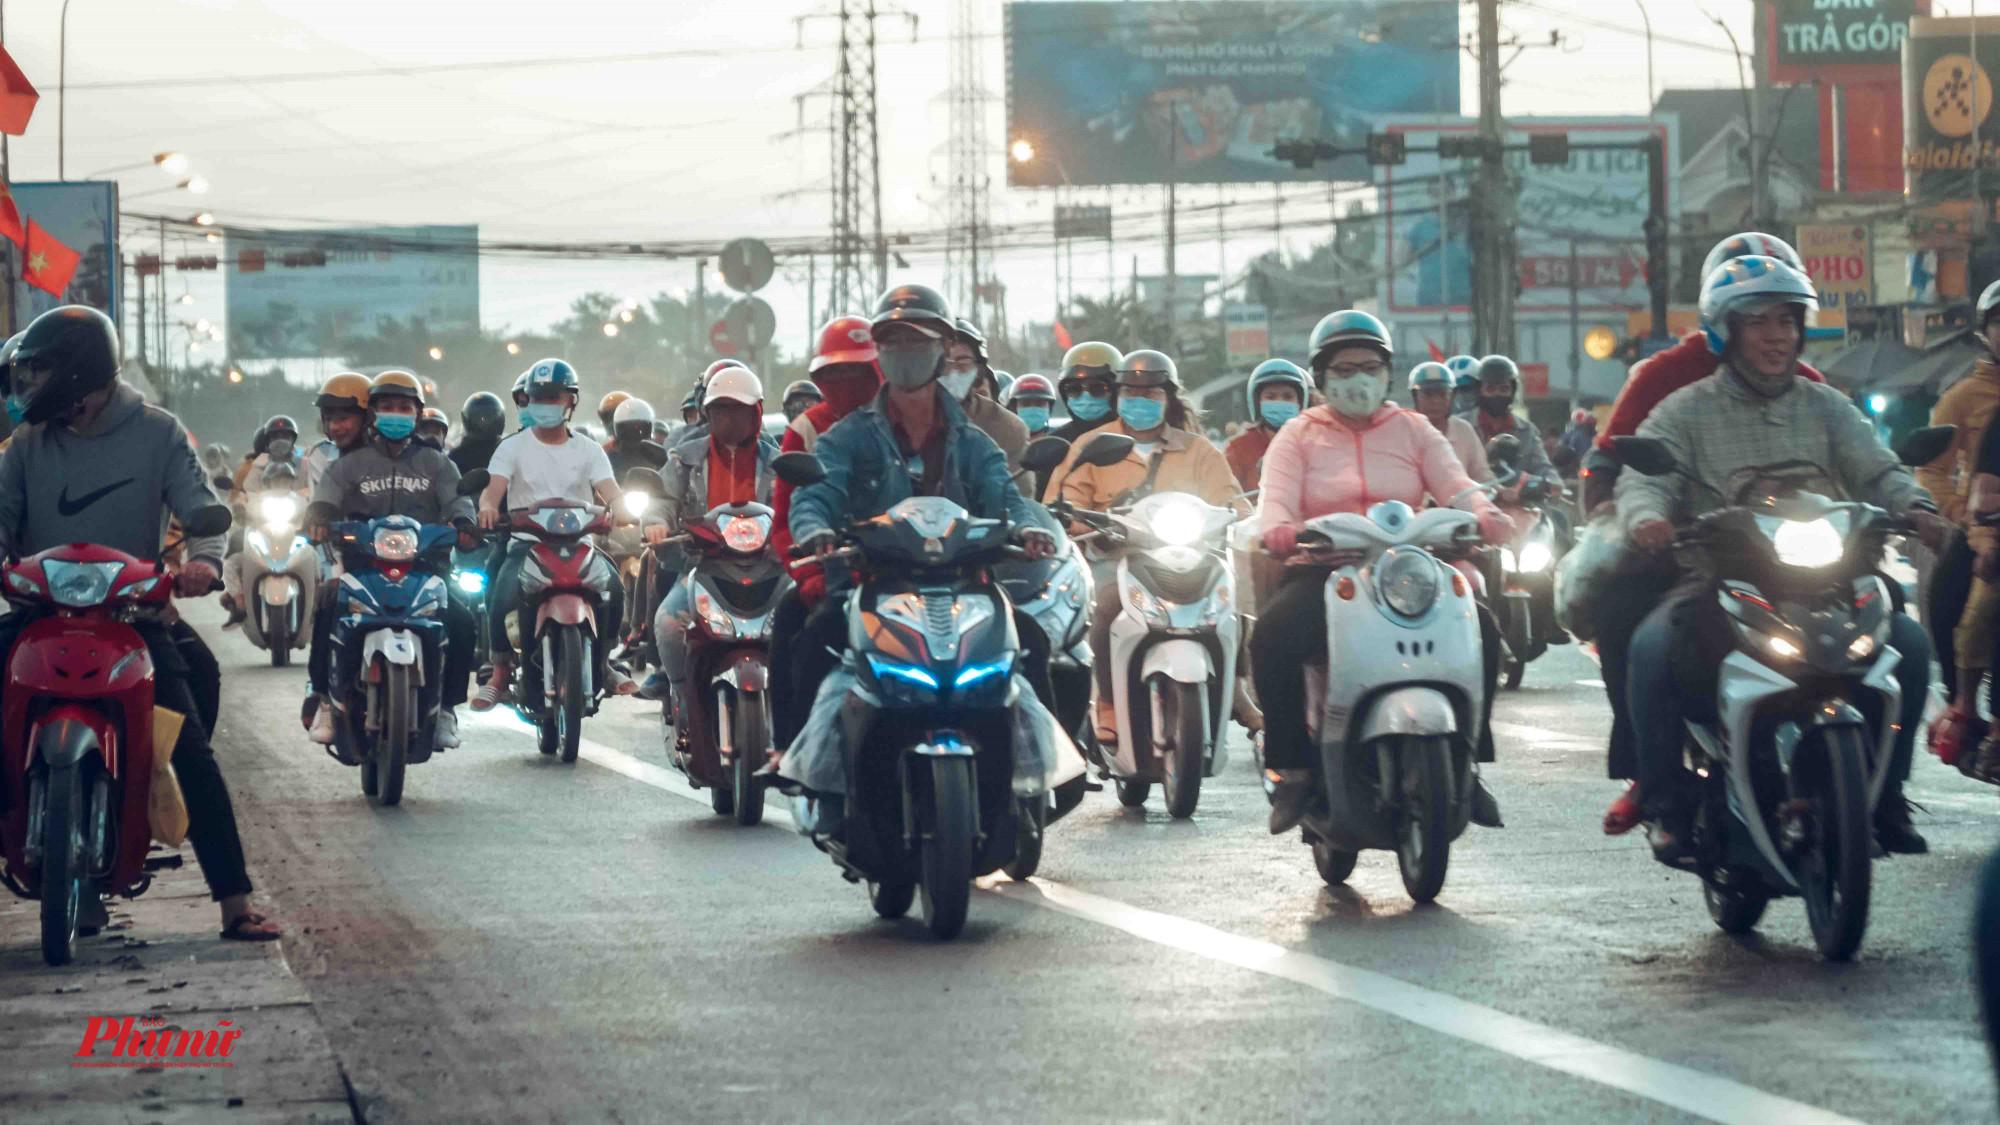 Đoàn người ùn ùn trở về Sài Gòn sau kỳ nghỉ Tết